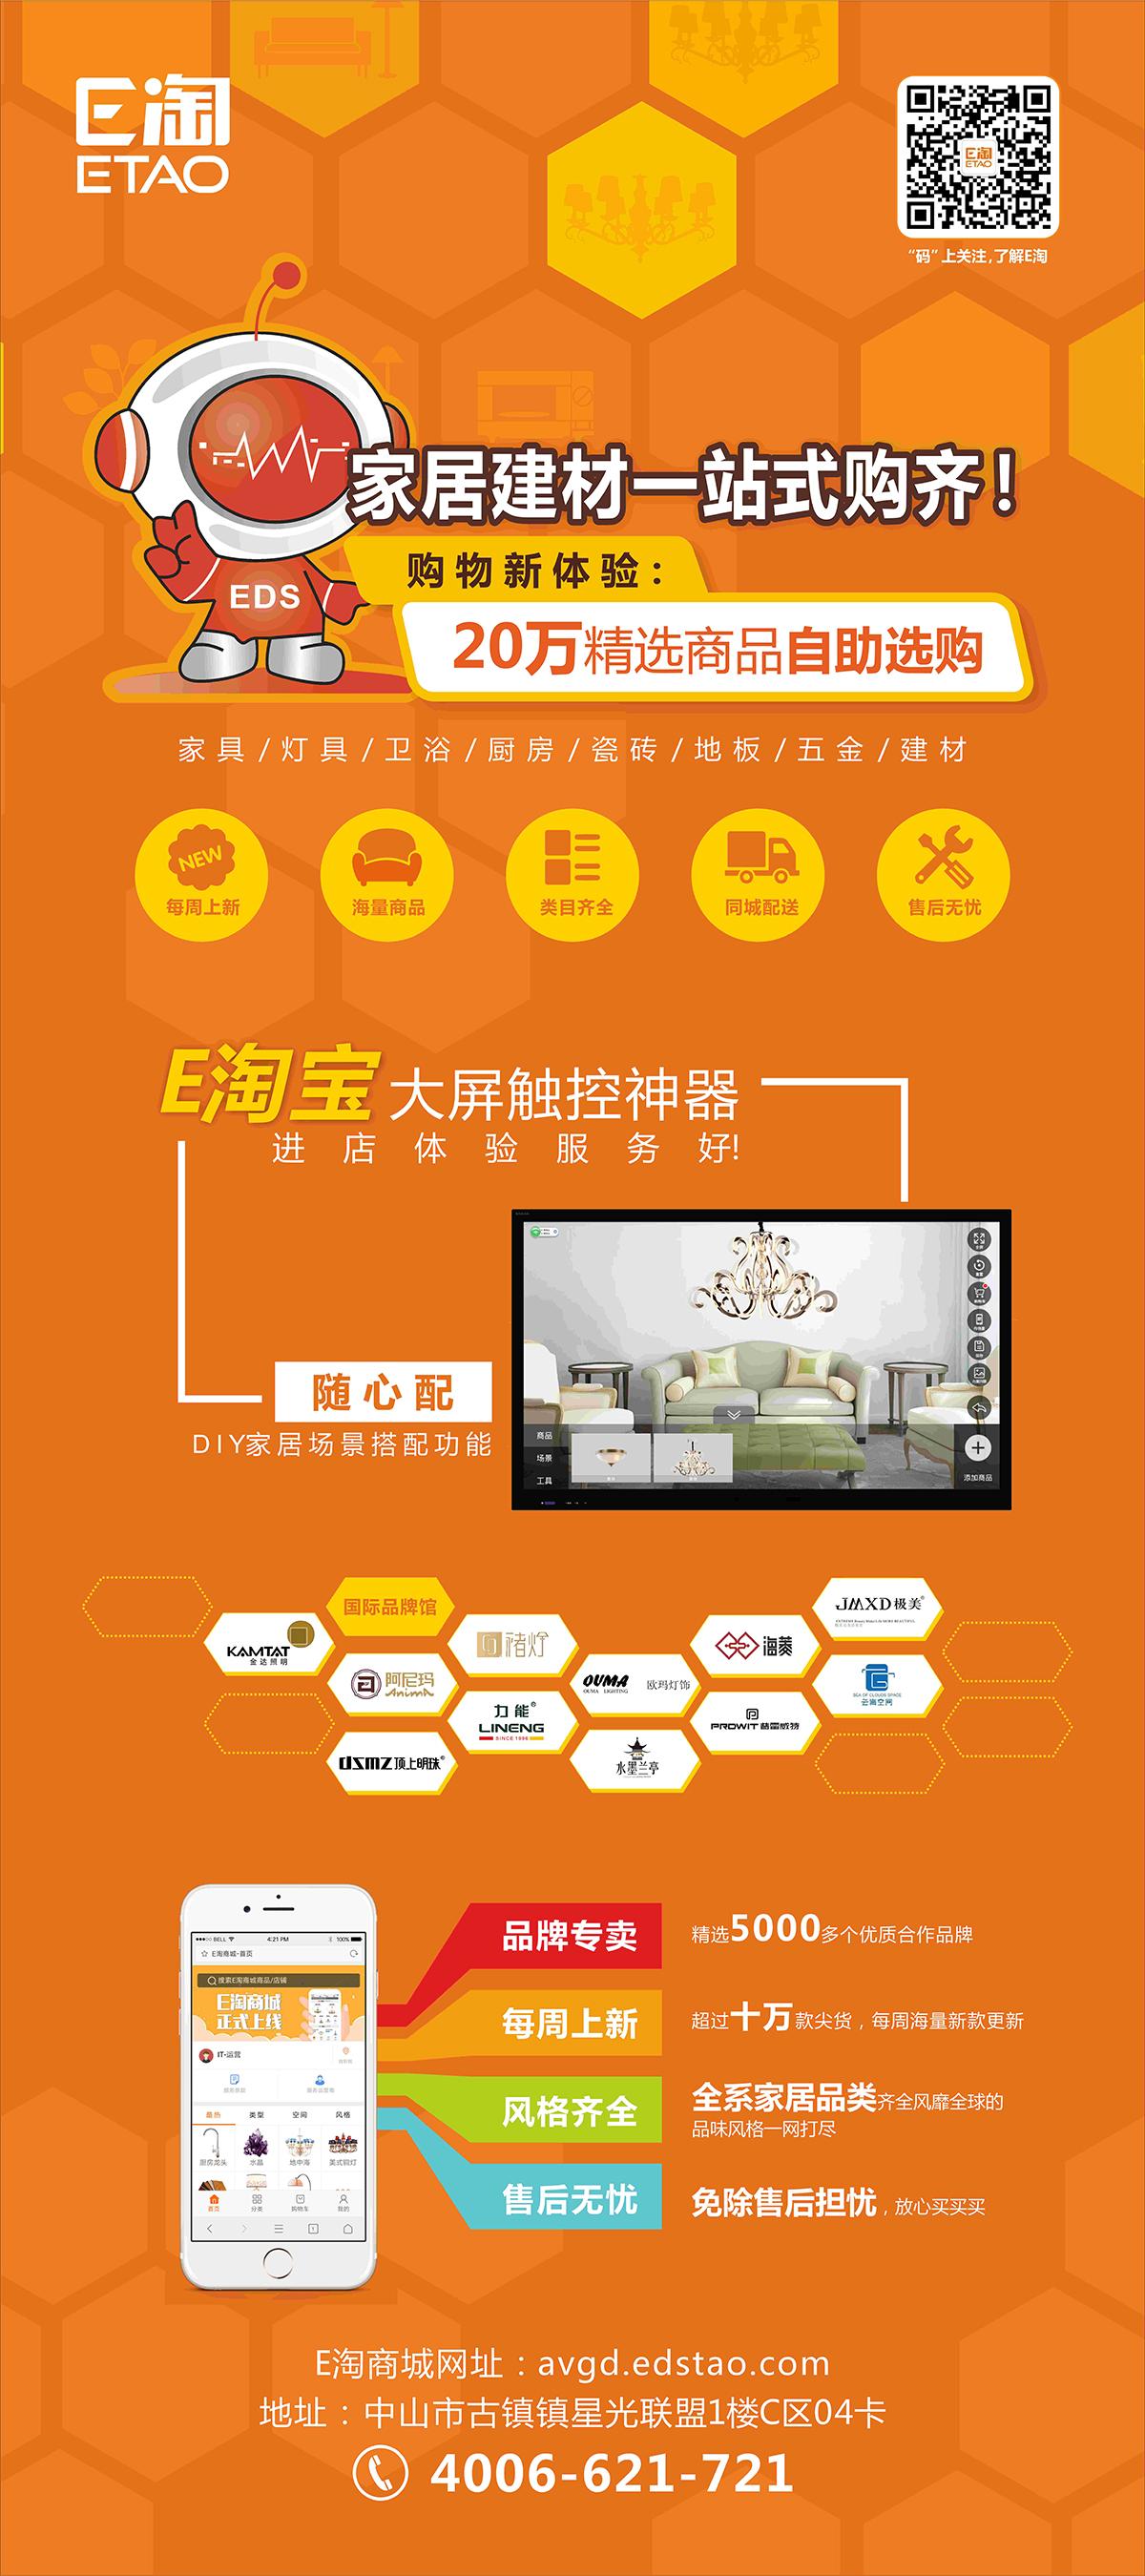 2017E淘宣传单和X展架源文件下载